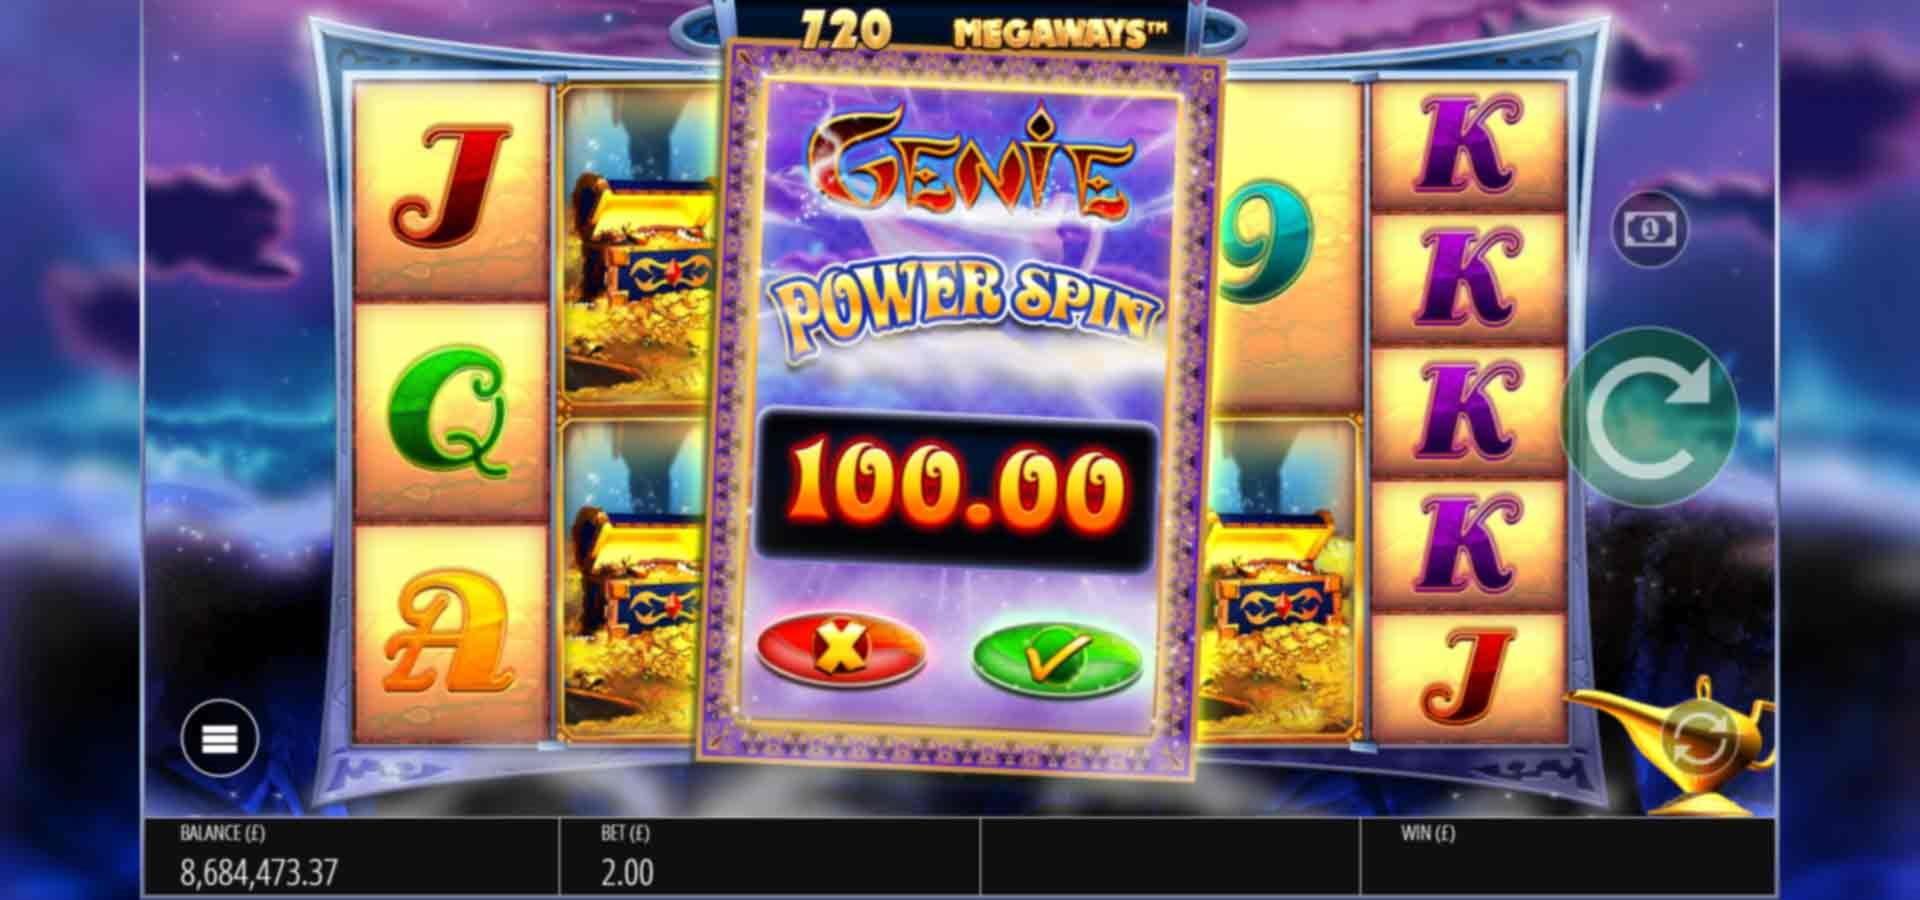 € 225 ILMAINEN Chip Casino Spinlandissa